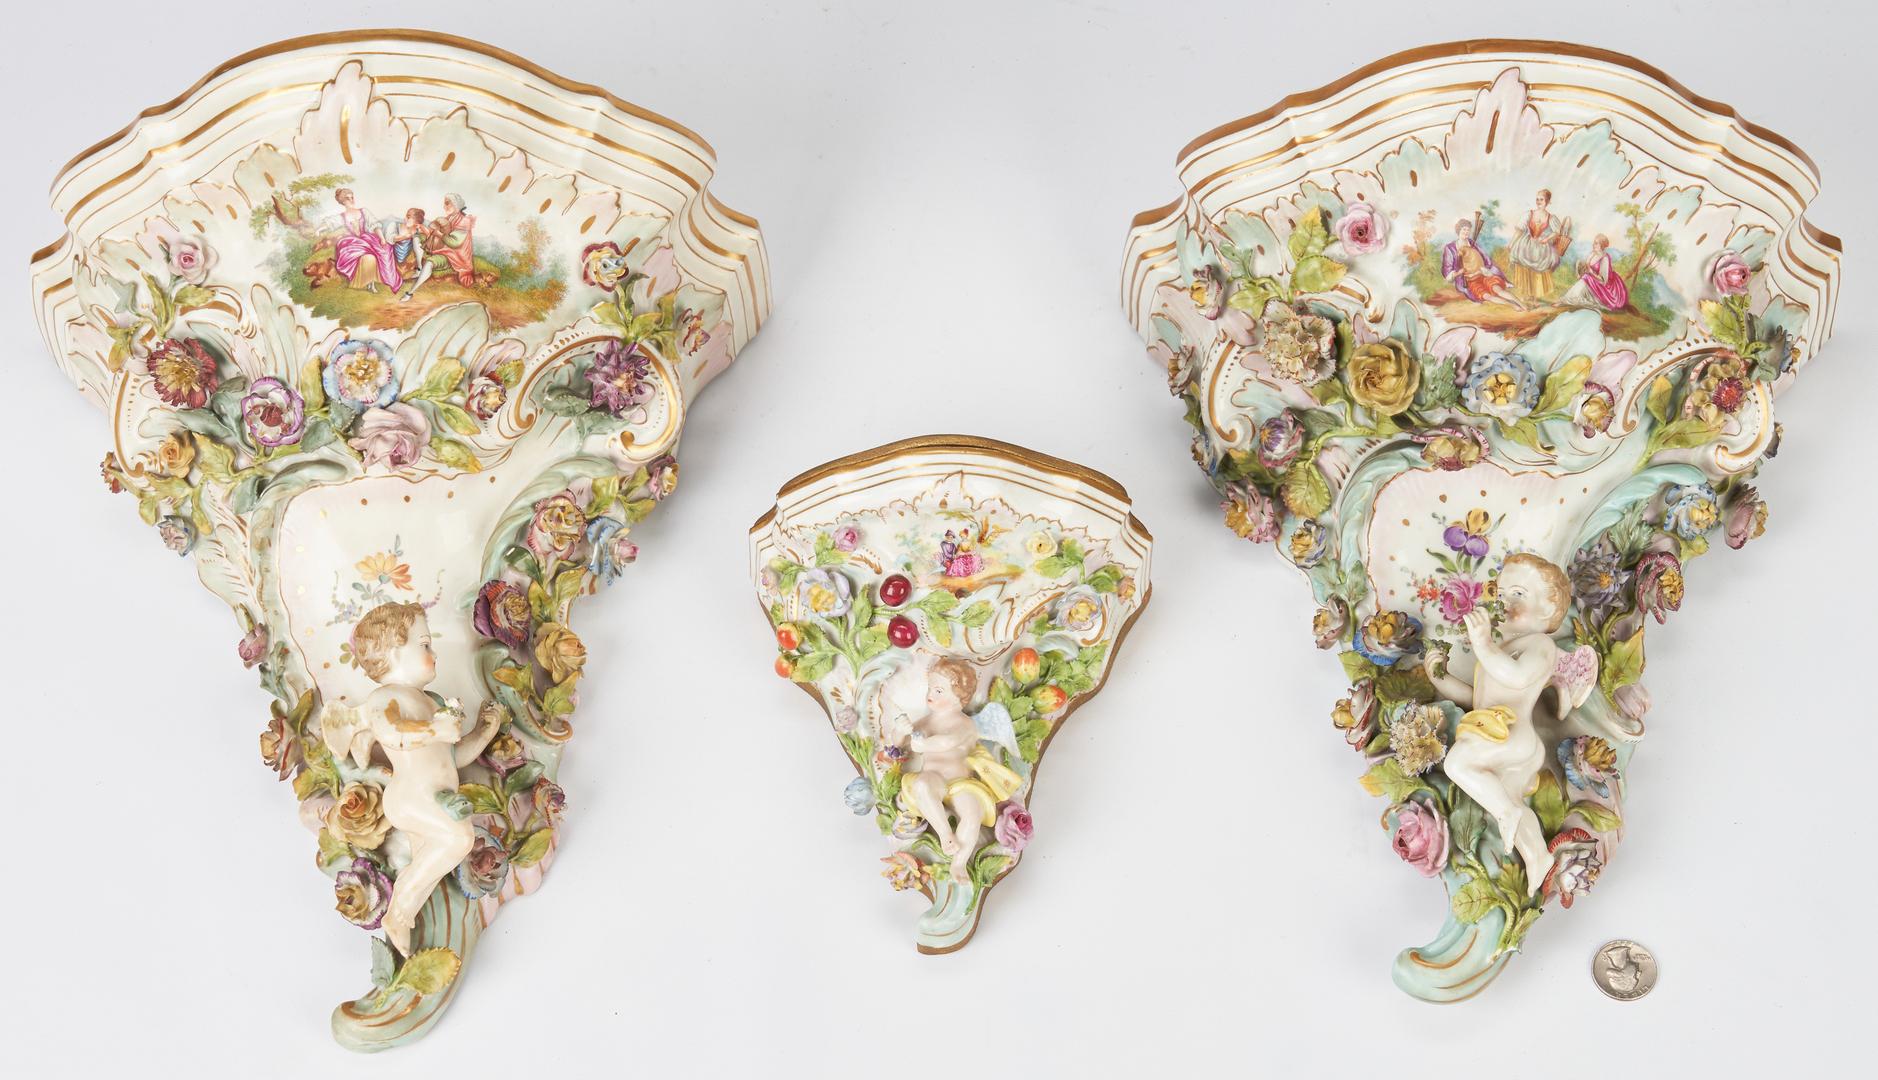 Lot 973: 3 Meissen Style Porcelain Wall Brackets